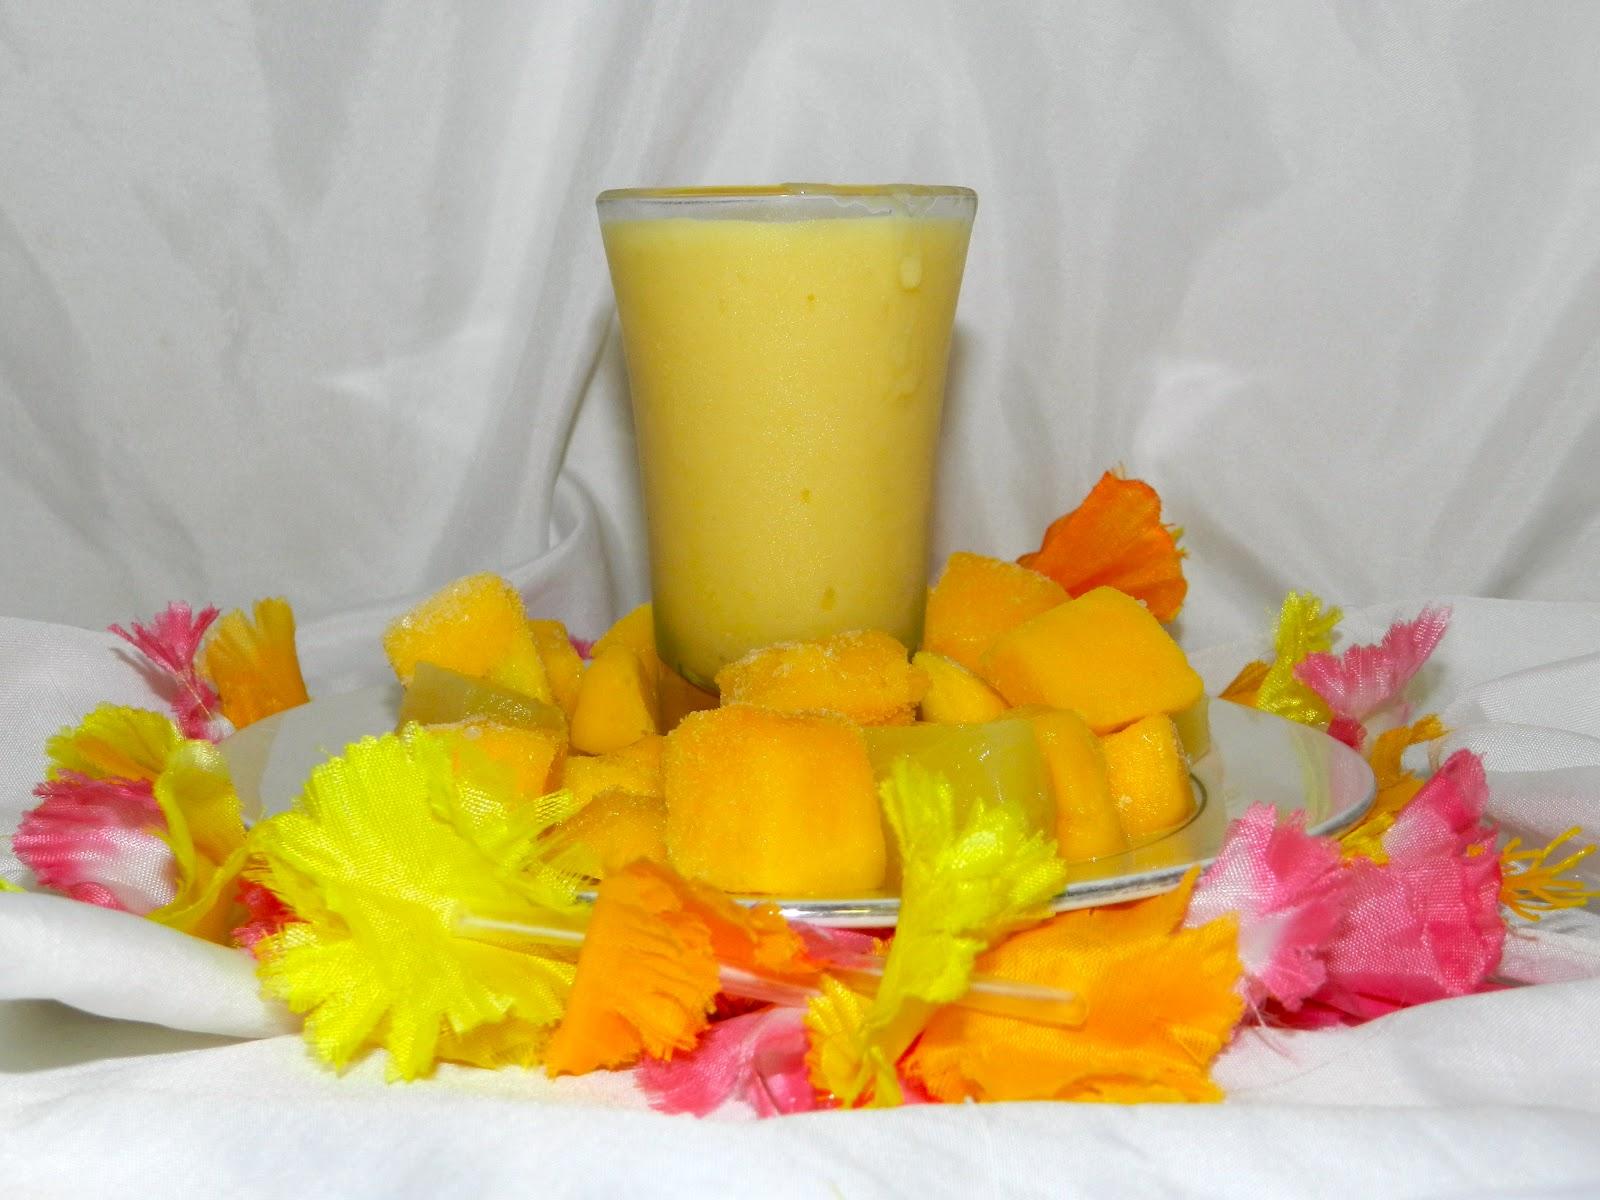 Kate's Kitchen: Mango Pineapple Smoothie